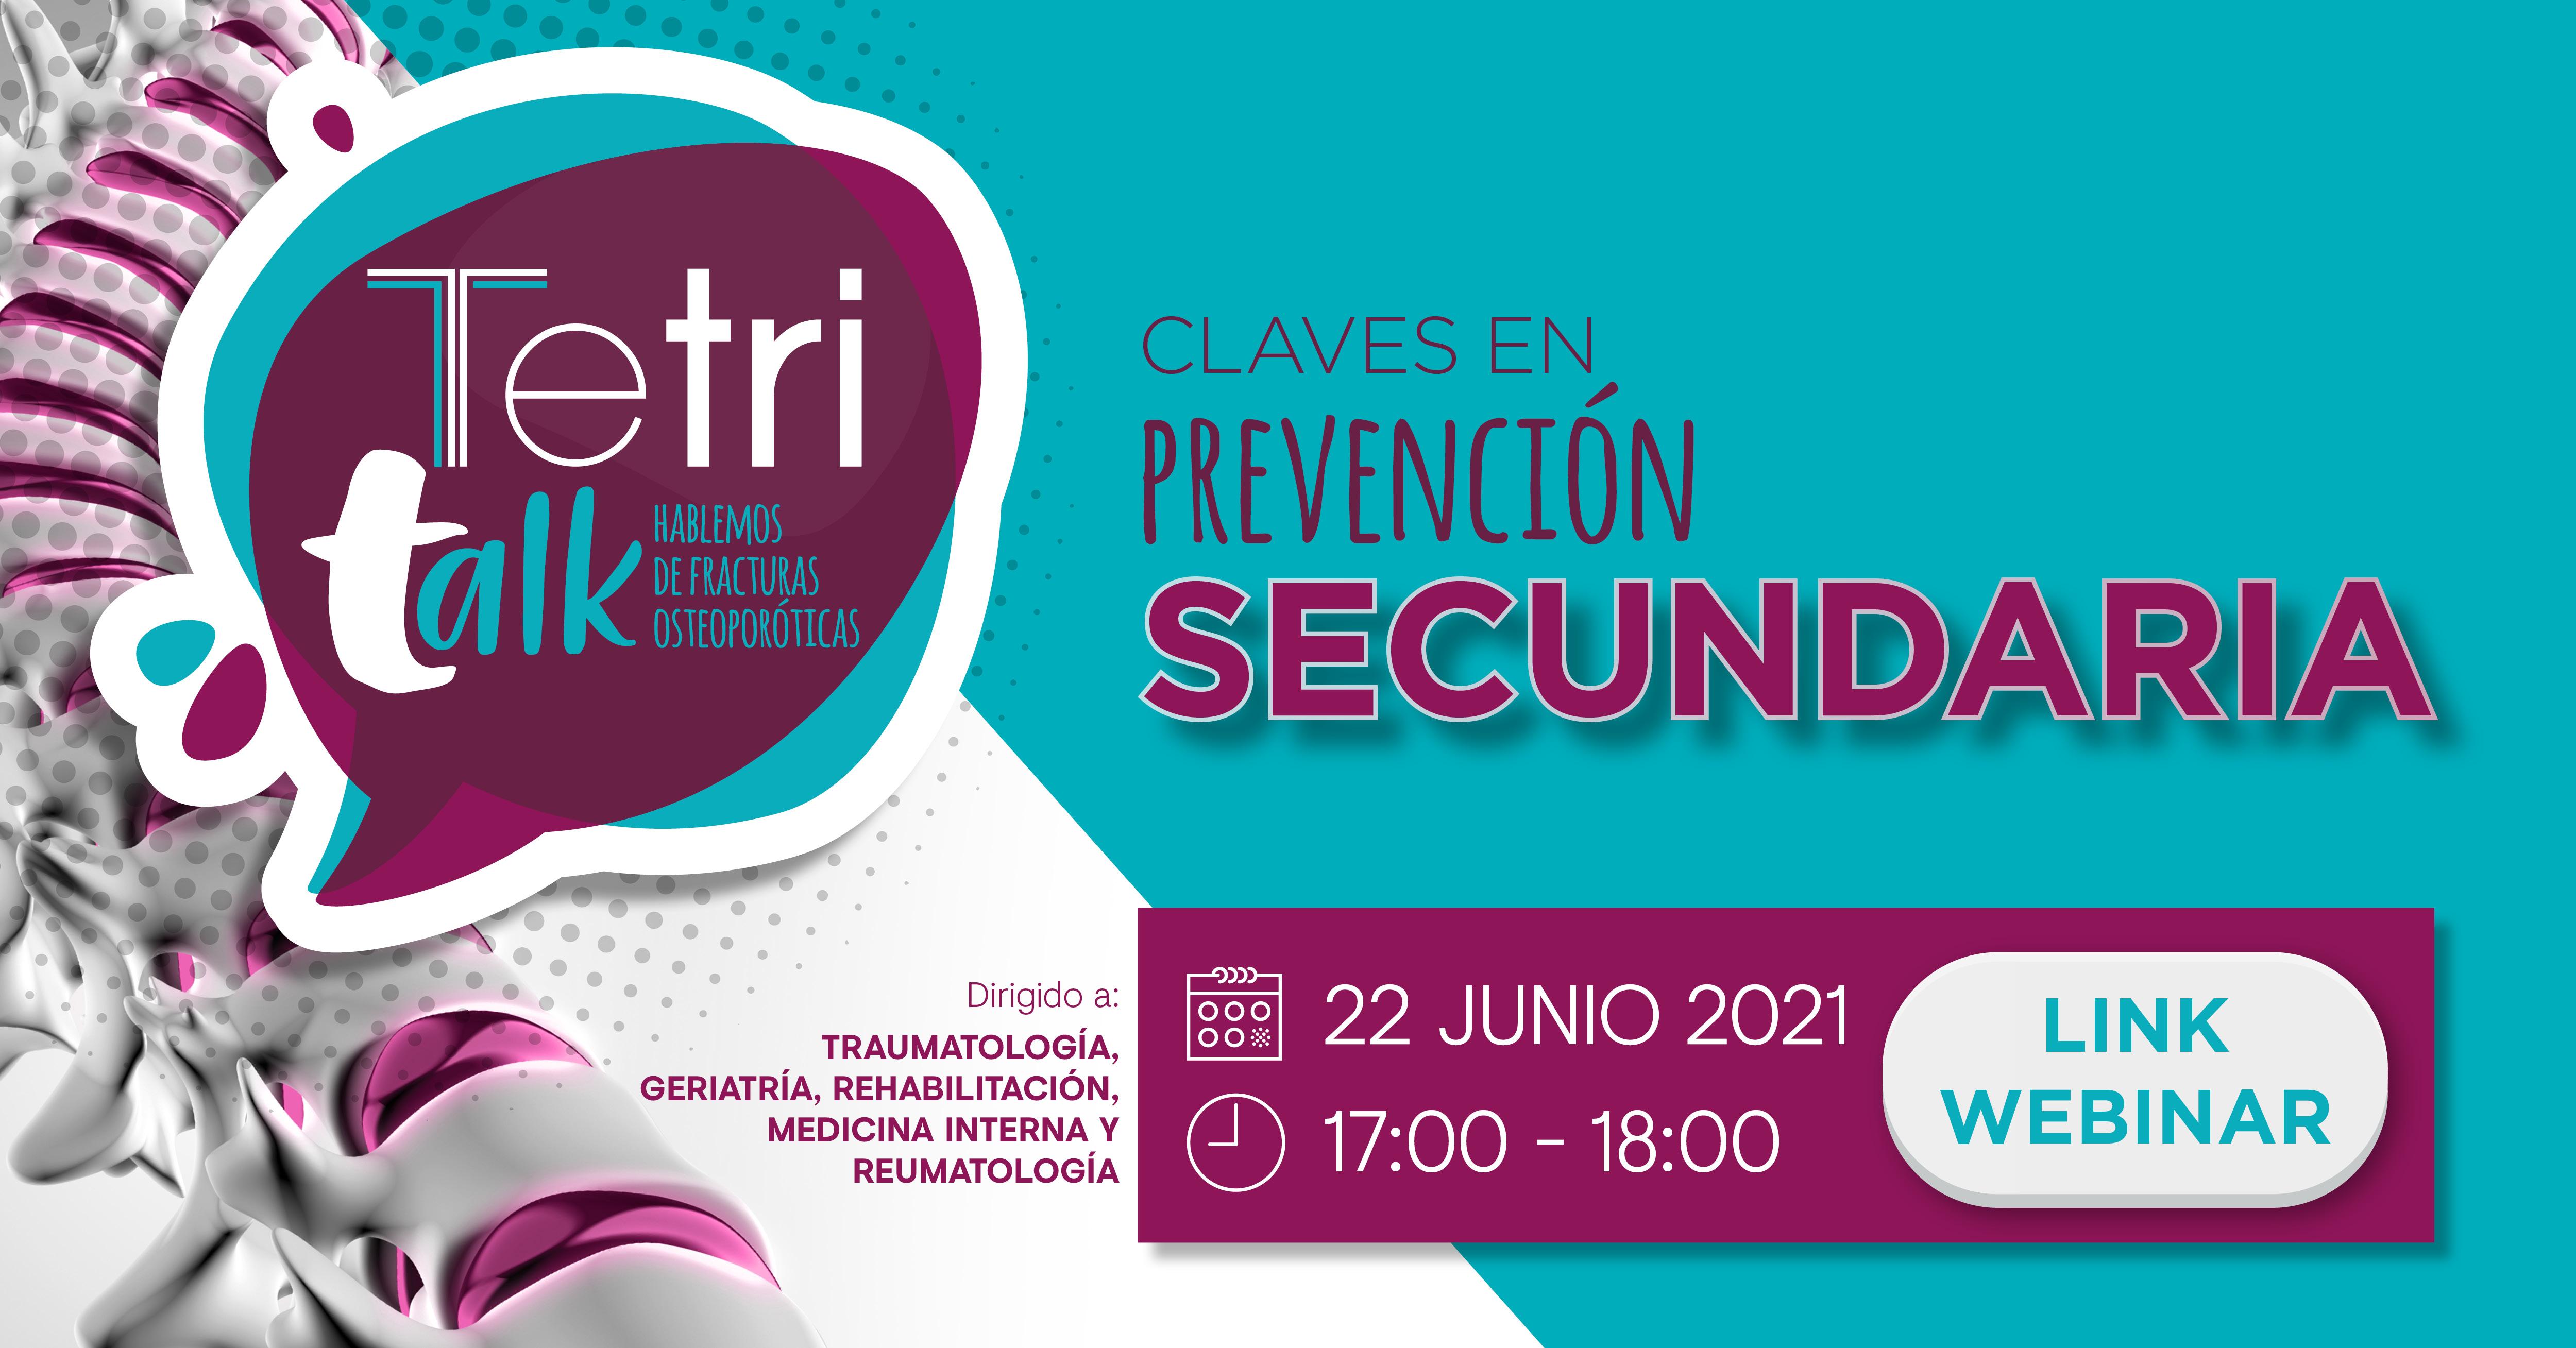 Claves en prevención secundaria